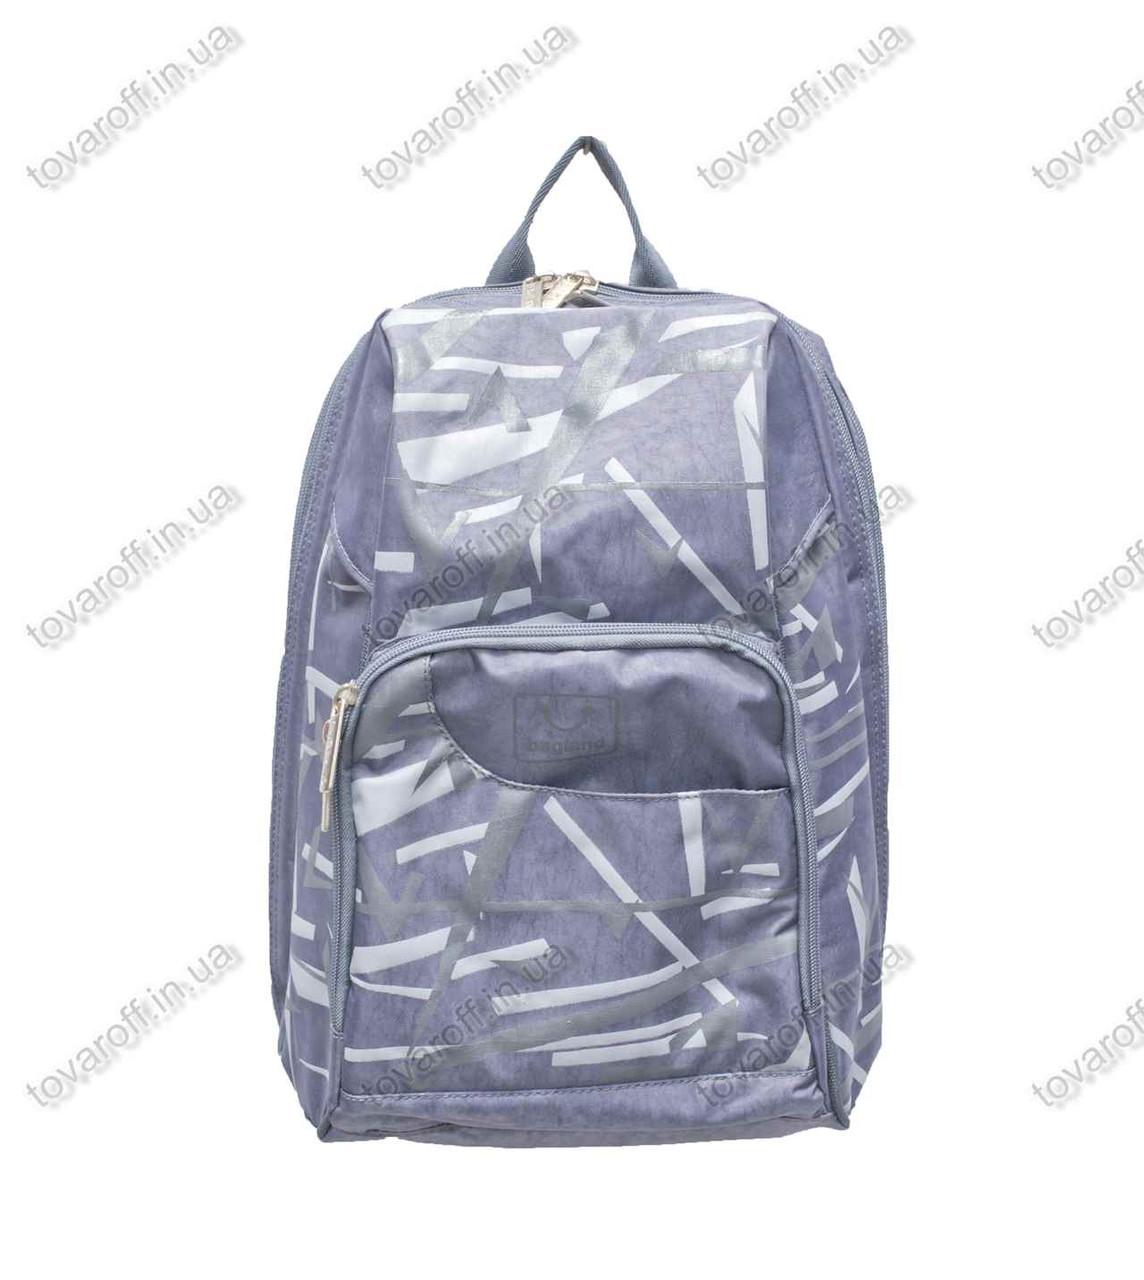 Рюкзак школьный/городской - Серый - MeShock (Bagland) - 14970